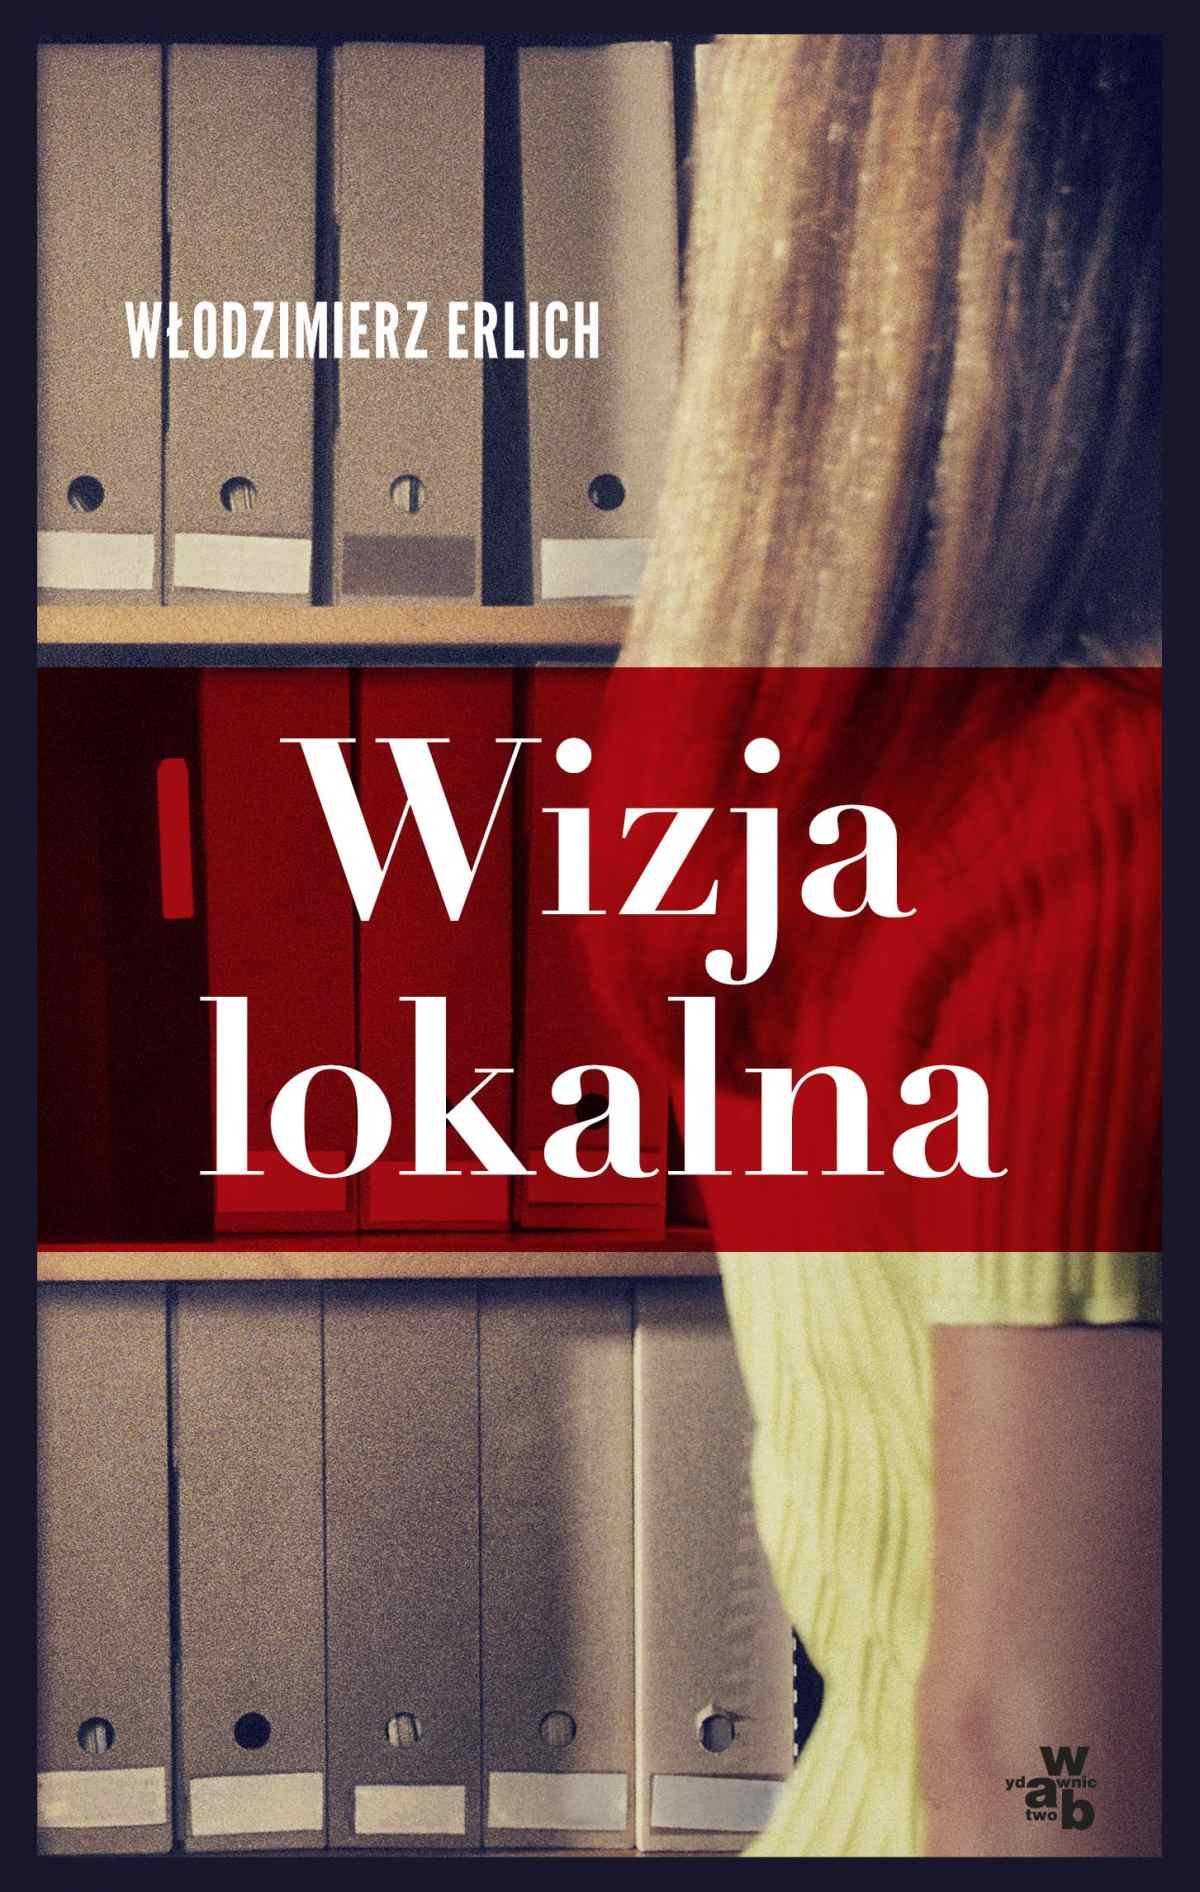 Wizja lokalna - Włodzimierz Erlich